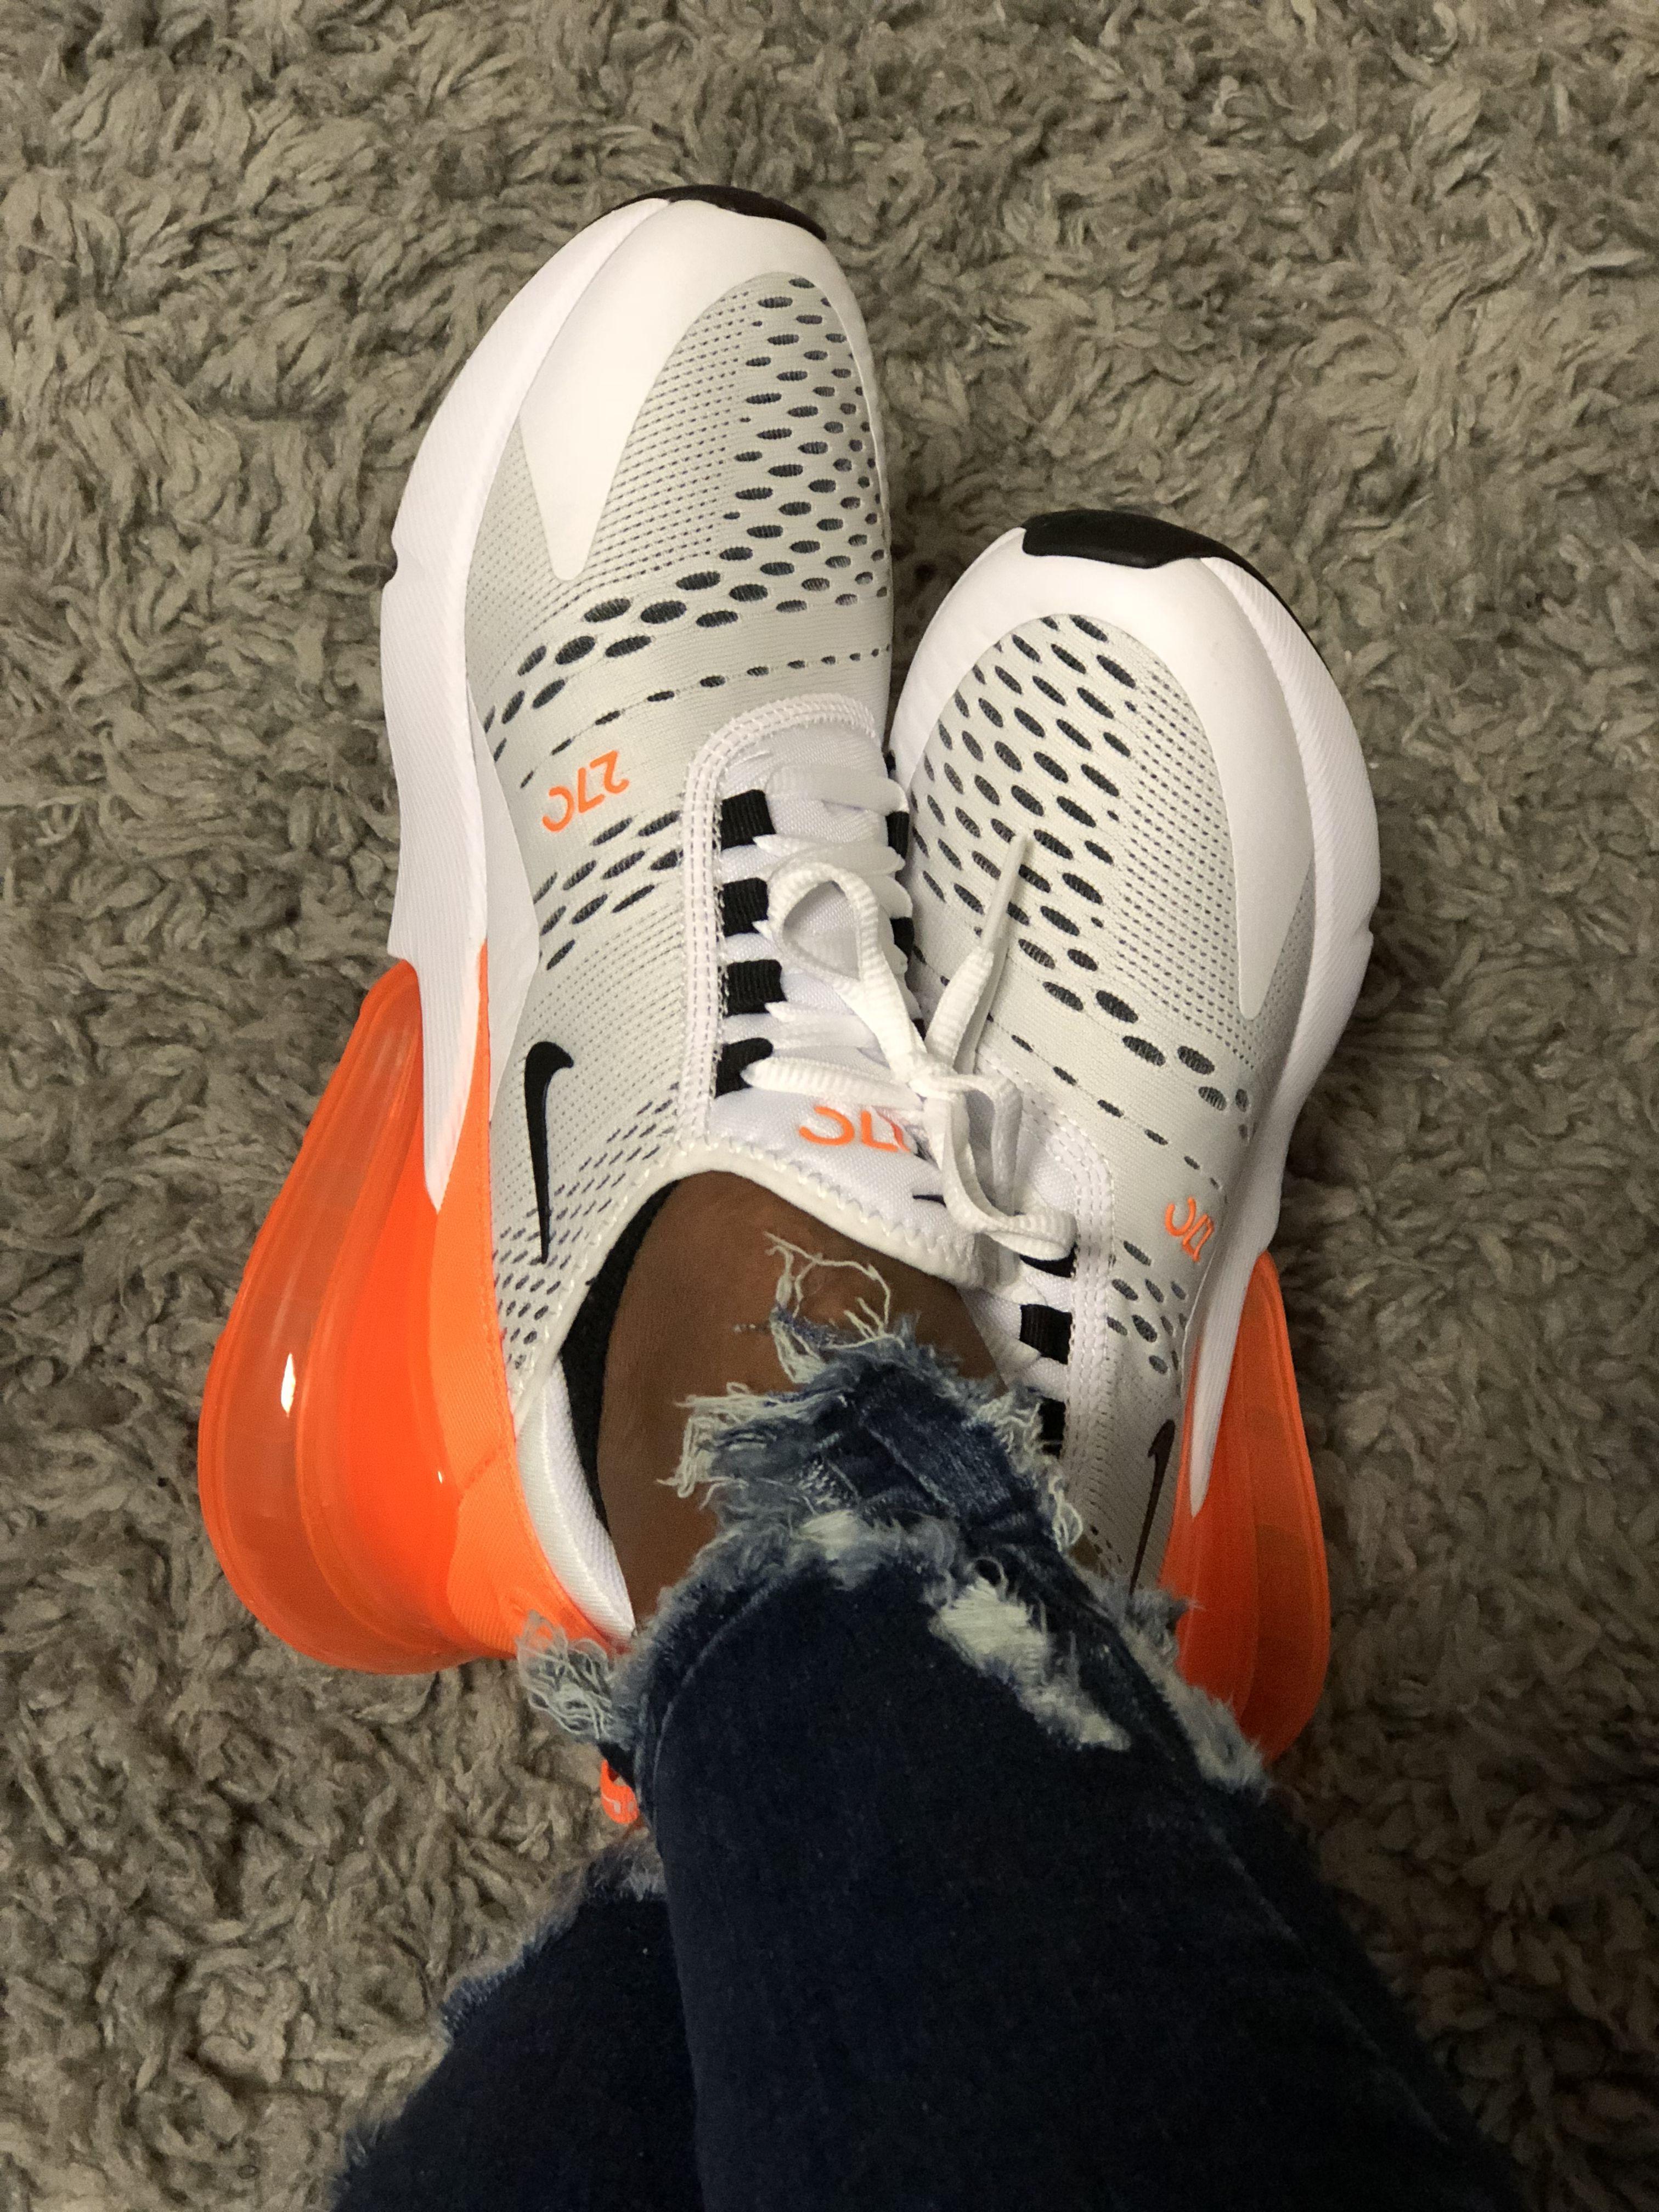 total sports women's sneakers